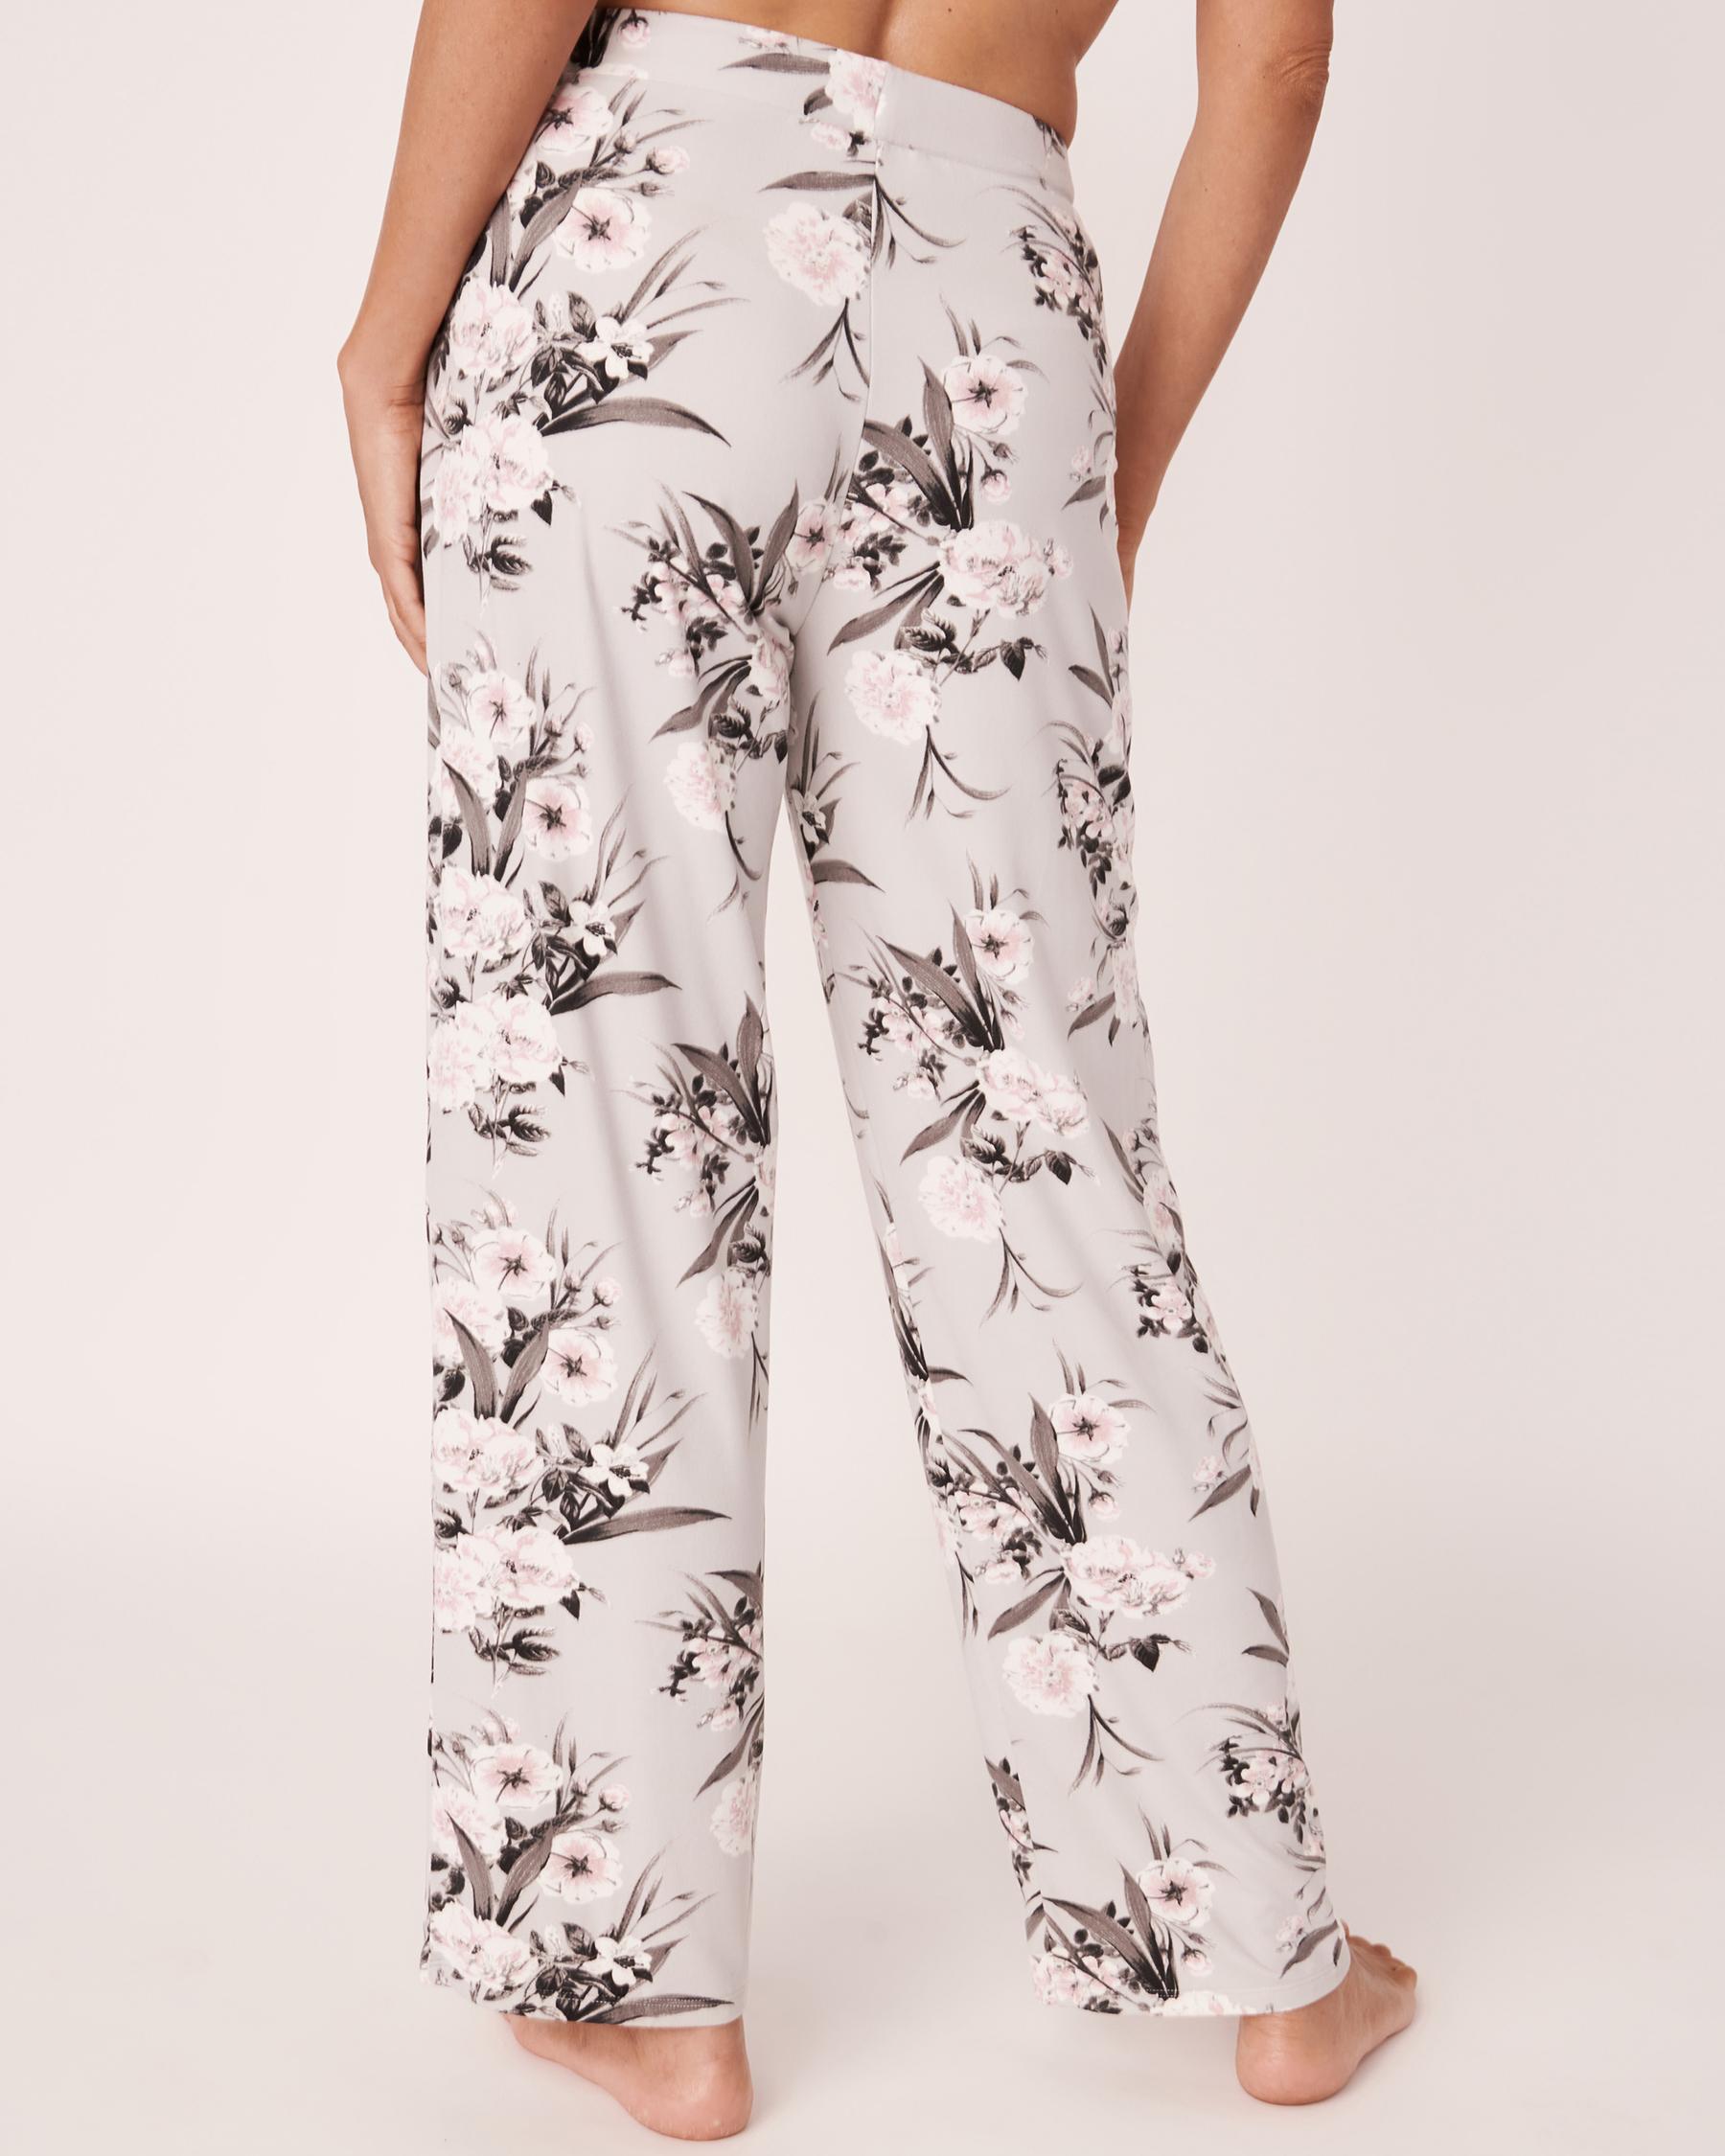 LA VIE EN ROSE Pantalon de pyjama jambe droite Bouquet gris 40200147 - Voir2